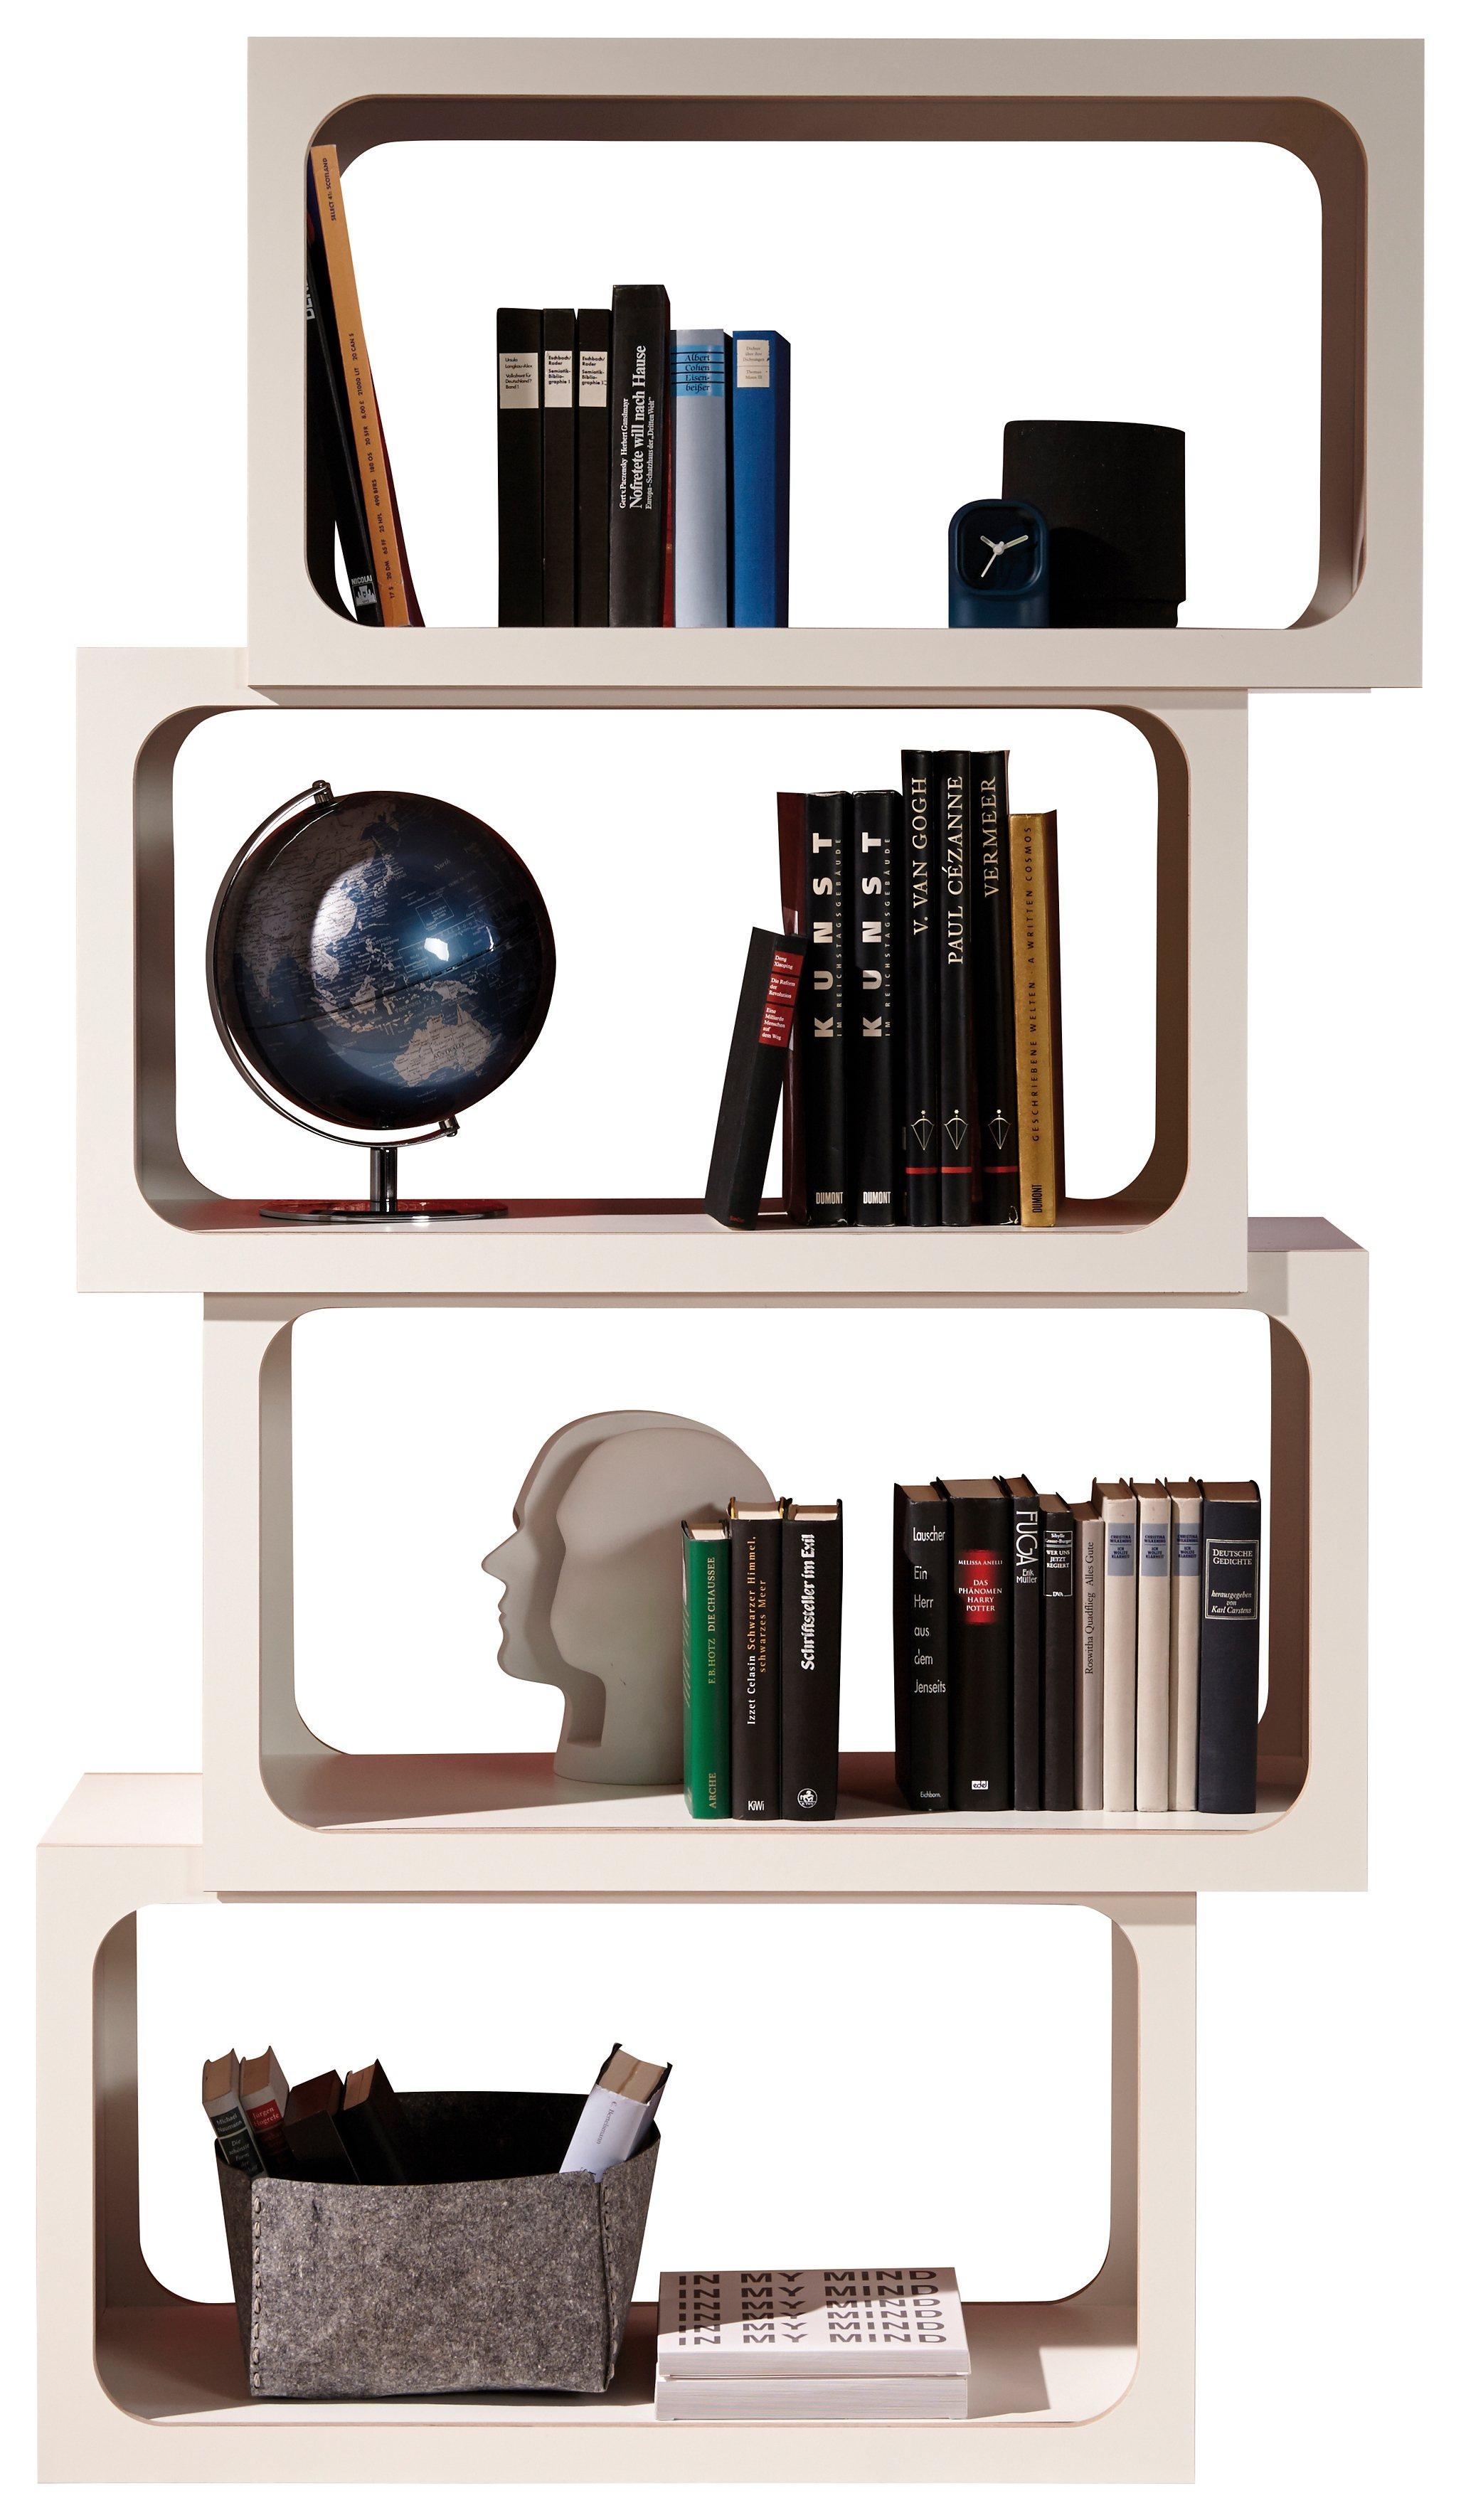 müller möbelwerkstätten® Wandbefestigung für Regalsystem »BOXIT« | Wohnzimmer > Regale > Regalsysteme | müller möbelwerkstätten®